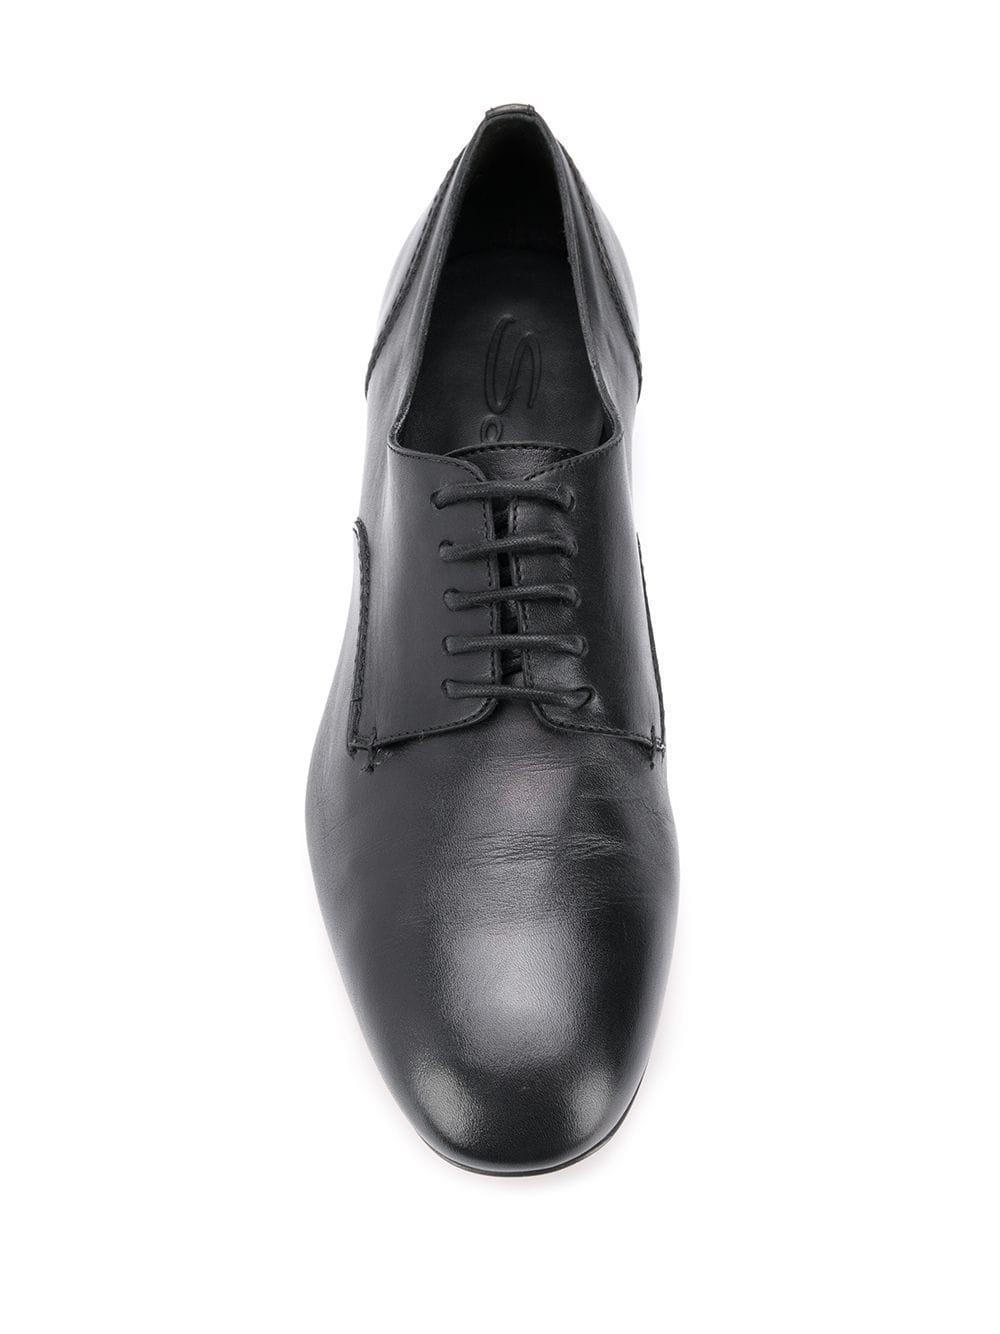 Zapatos oxford con tacón metálico Santoni de Cuero de color Negro